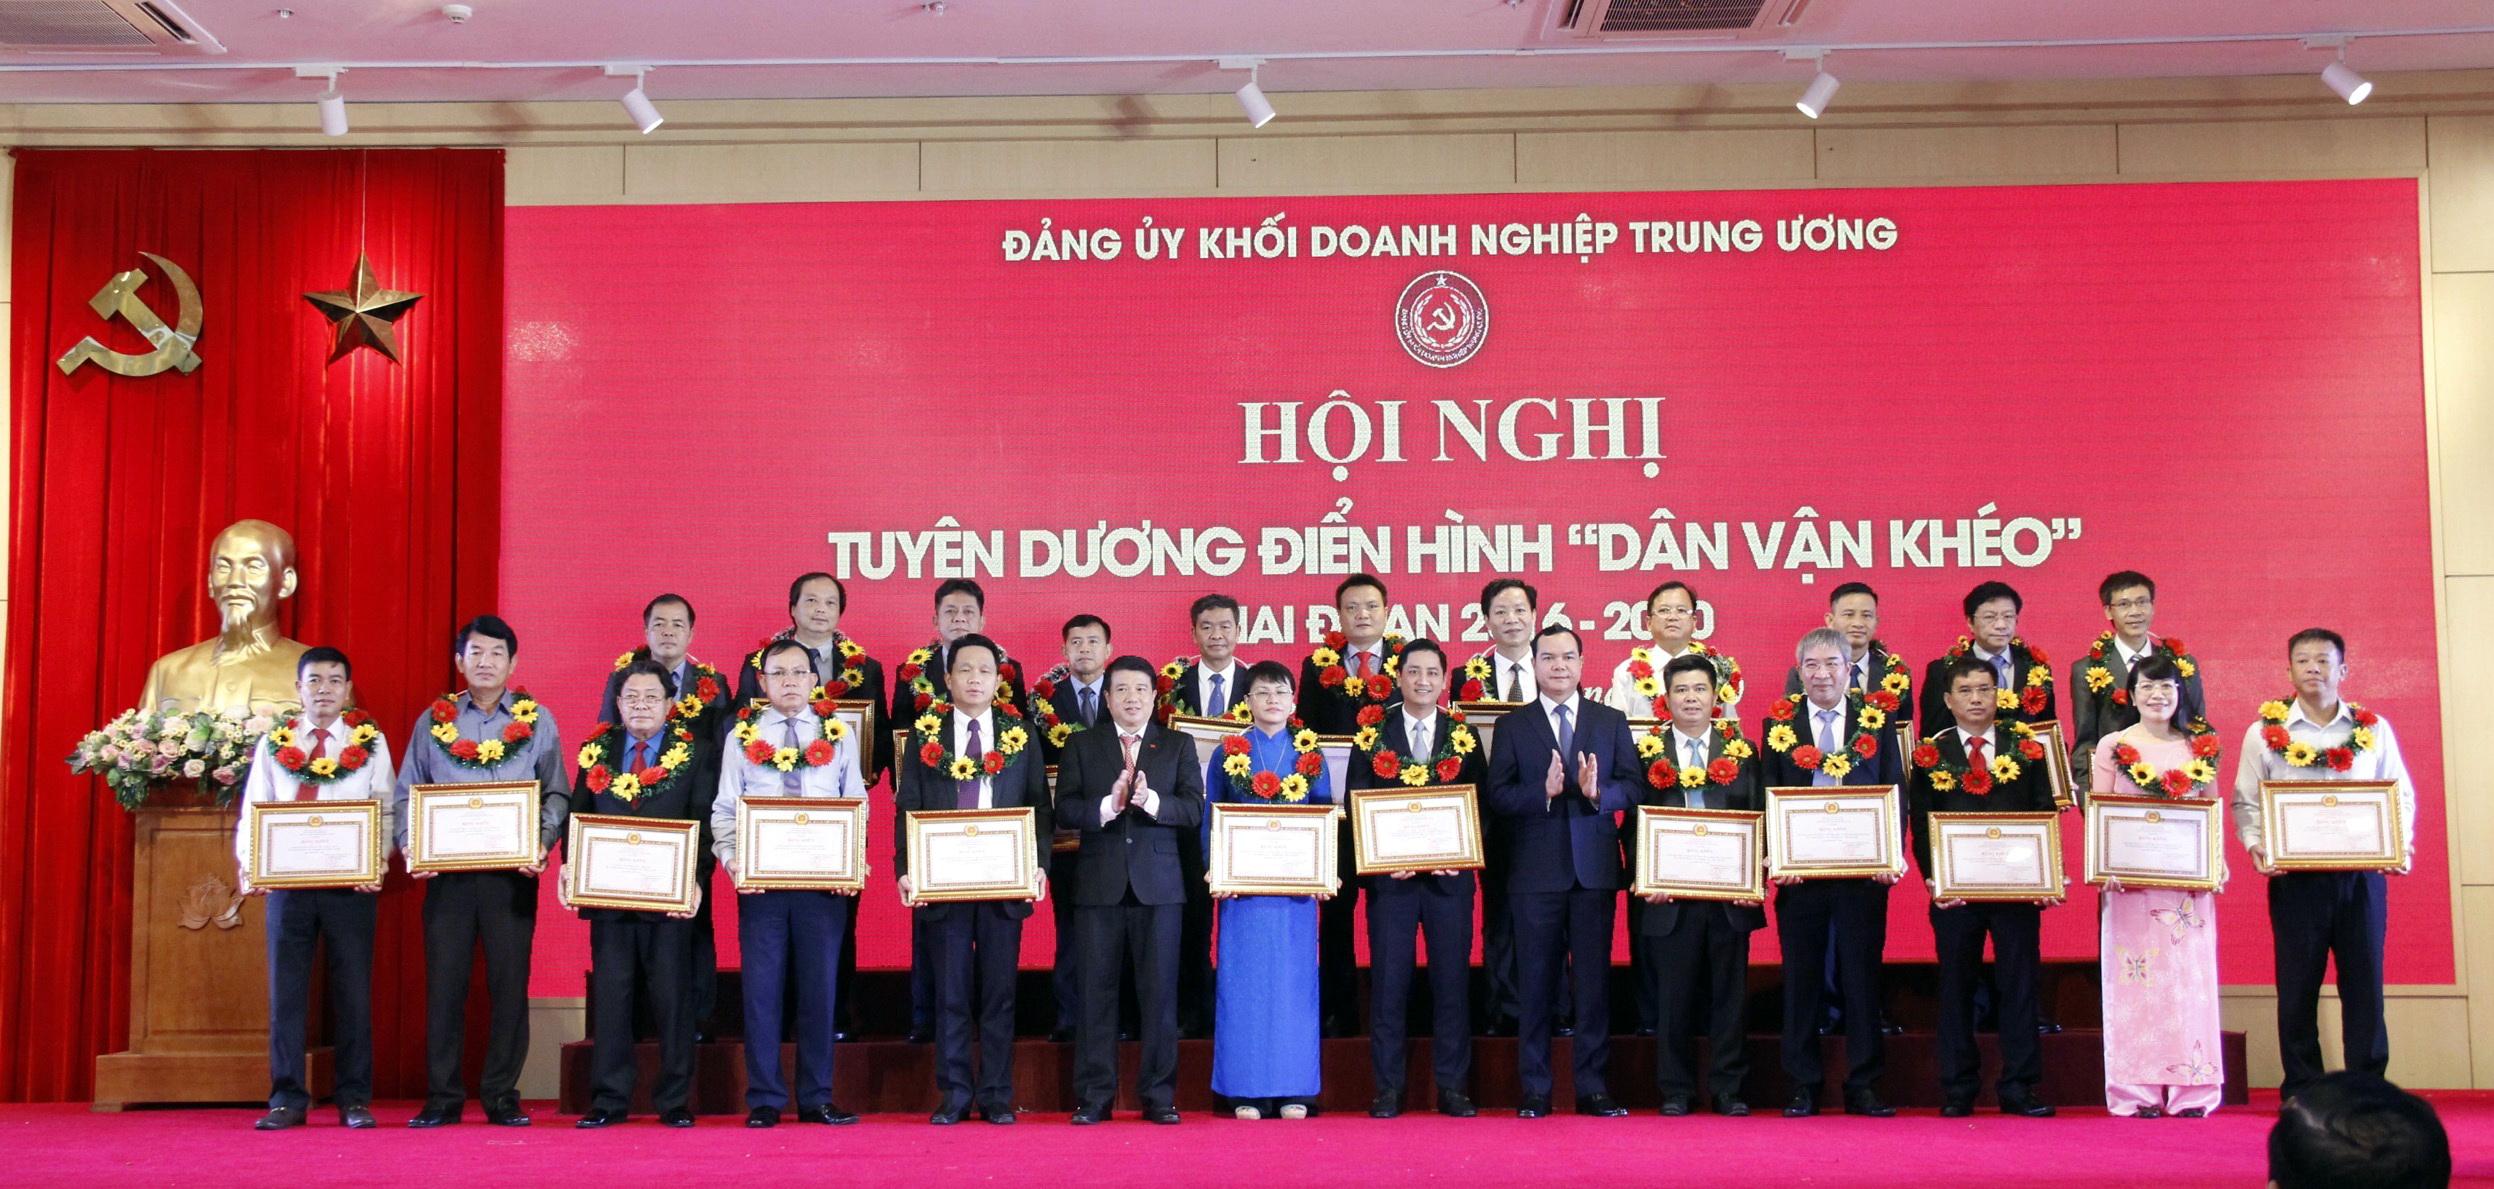 Đảng ủy Khối Doanh nghiệp Trung ương tuyên dương các tập thể đã có thành tích xuất sắc trong công tác dân vận giai đoạn 2016-2020